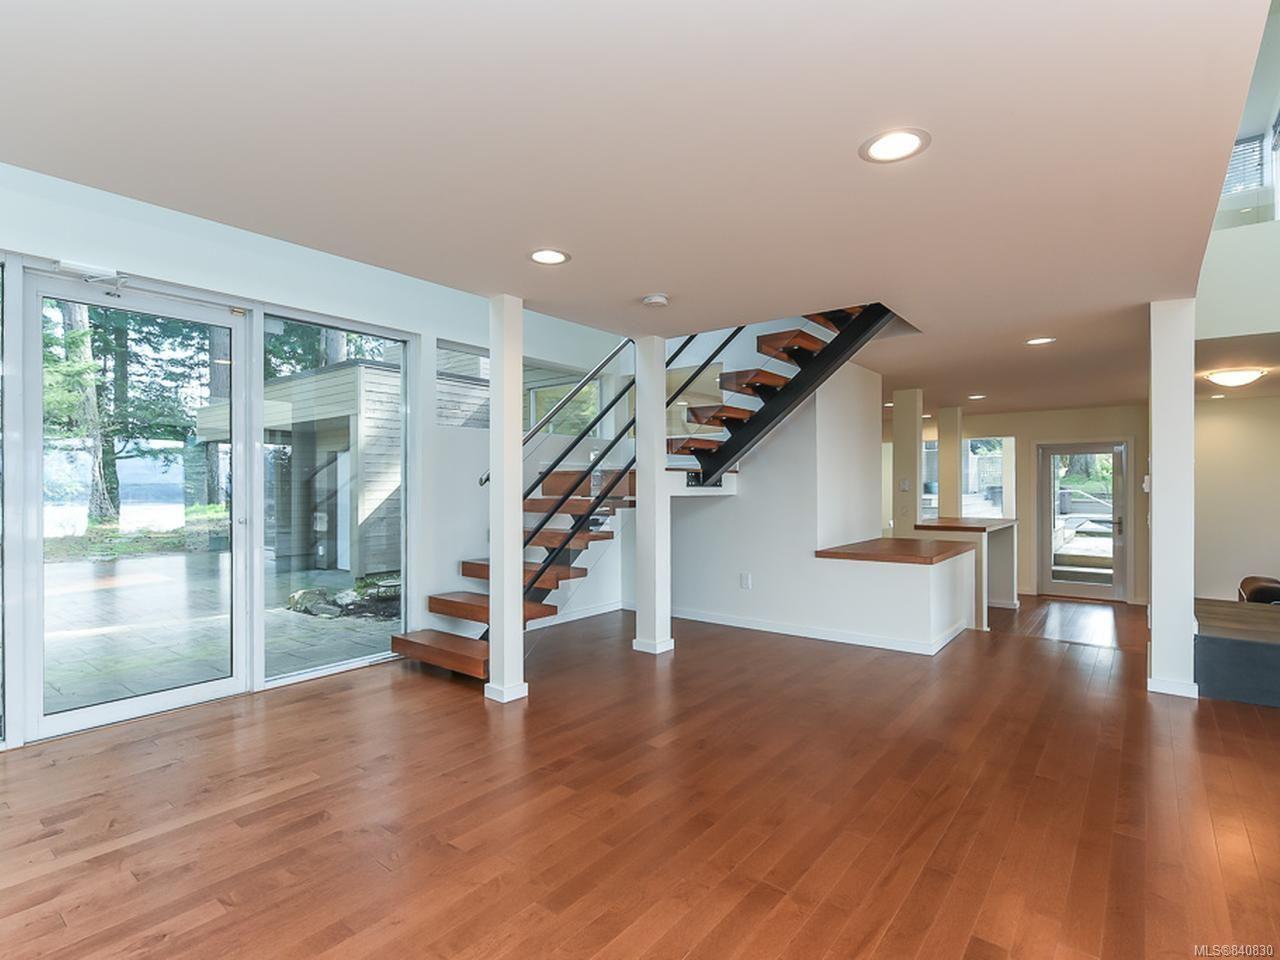 Photo 11: Photos: 1156 Moore Rd in COMOX: CV Comox Peninsula House for sale (Comox Valley)  : MLS®# 840830